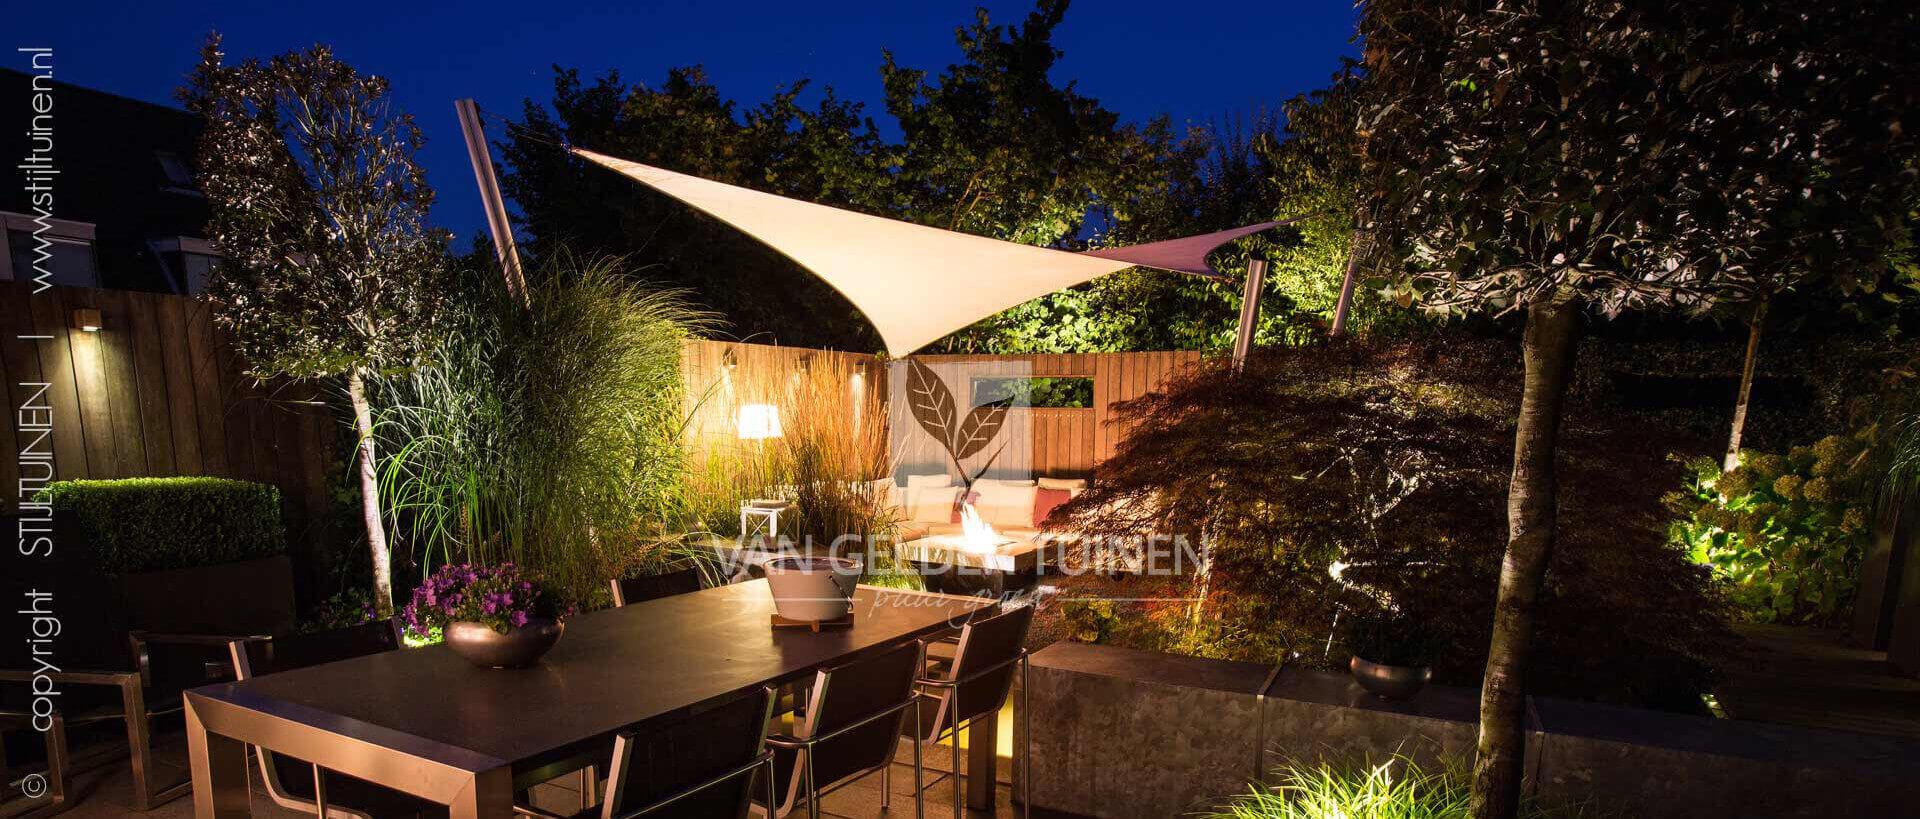 Sfeervolle tuin in avondlicht. Ontwerp door Van Gelder Tuinen